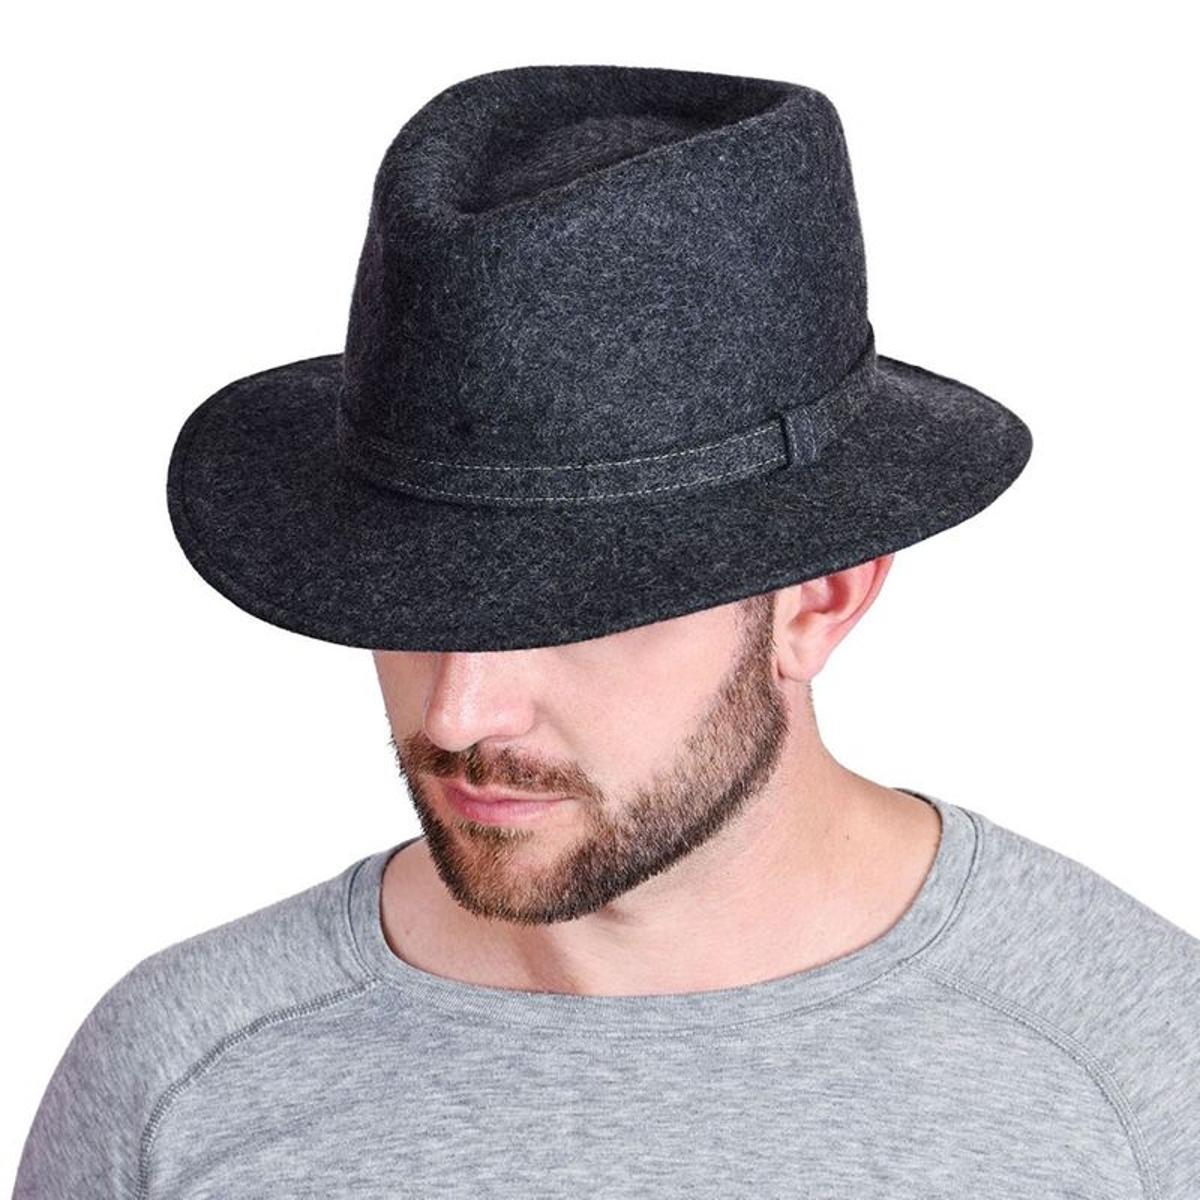 Chapeau borsalino Allan - Fabriqué en europe